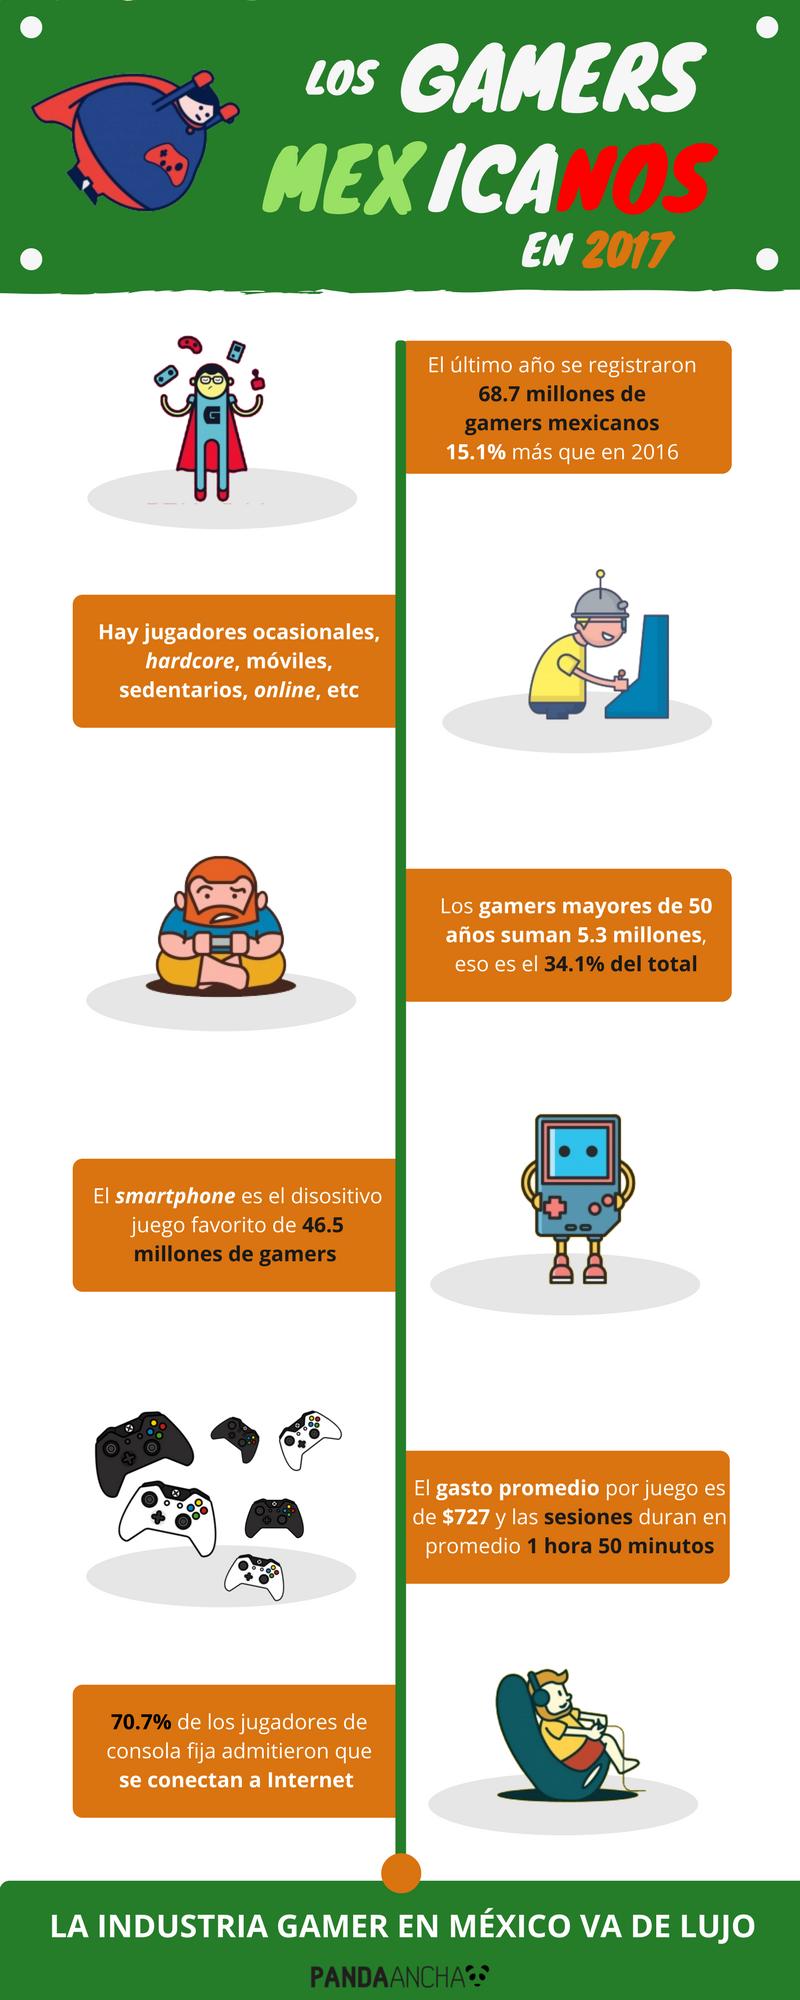 Infografía sobre gamers mexicanos en 2017